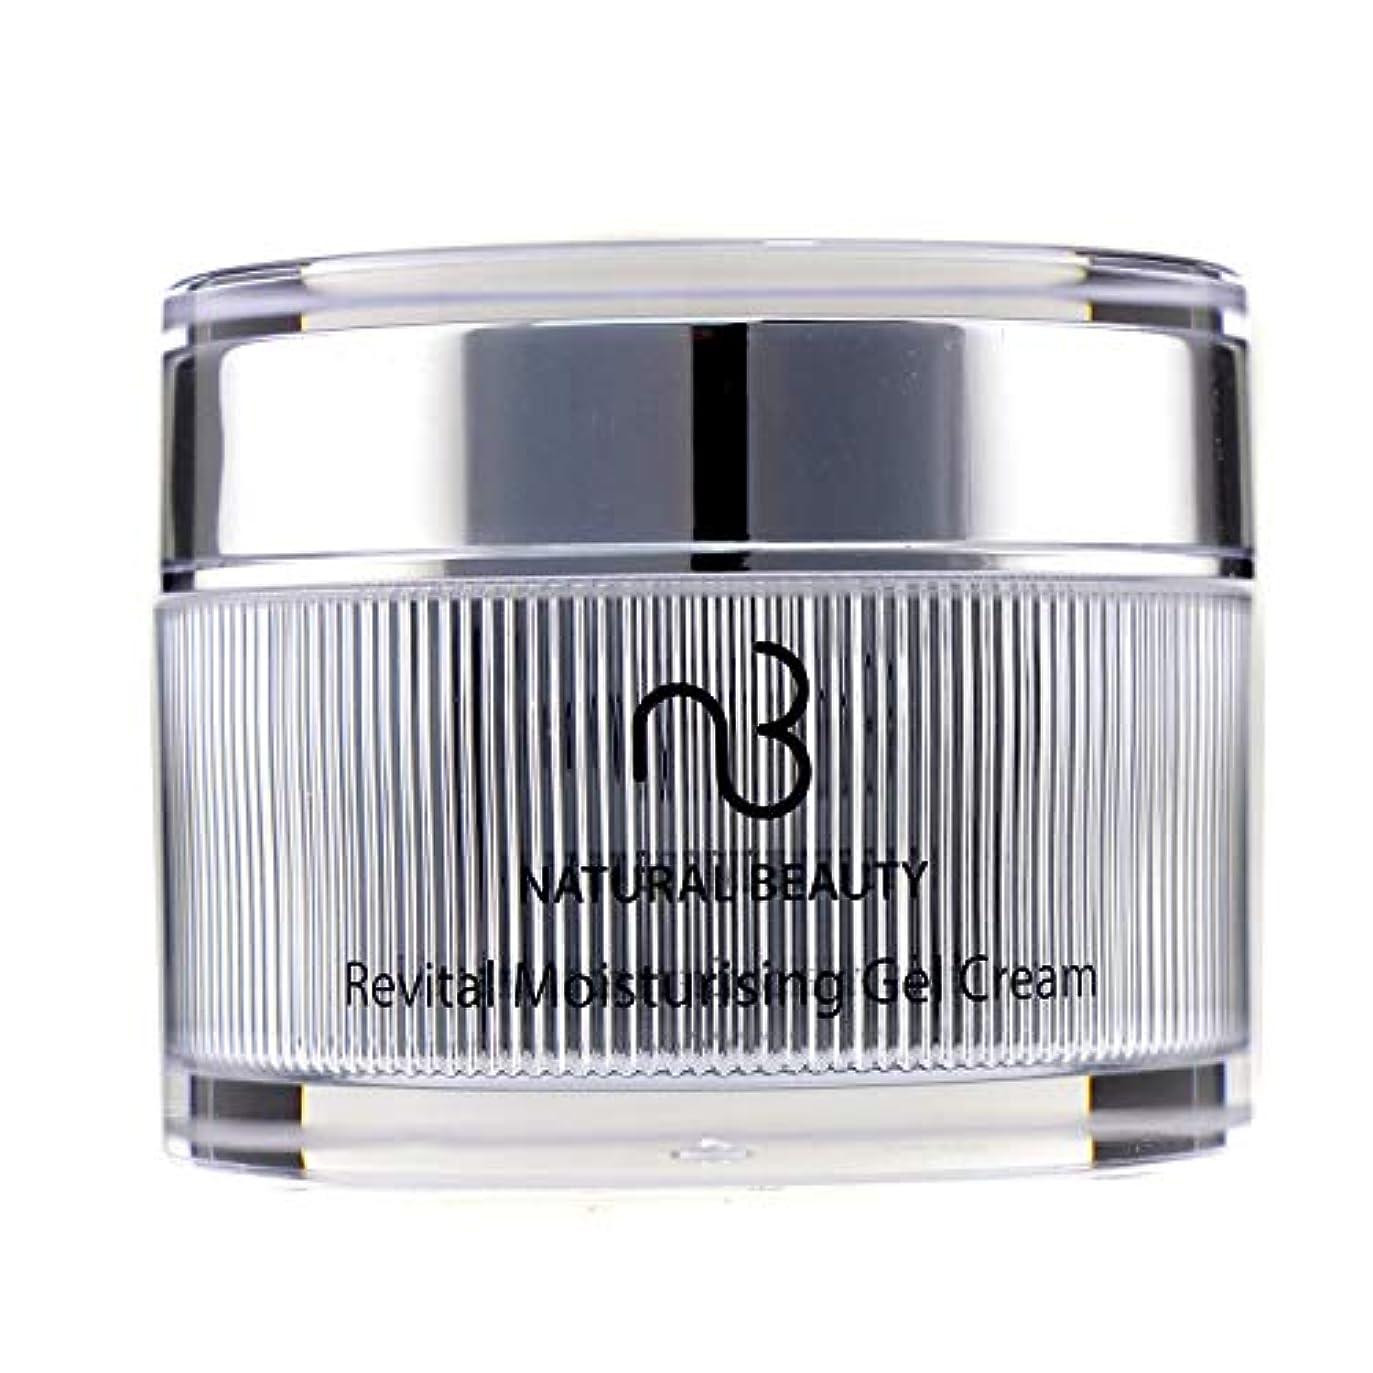 謙虚する必要があるピュー自然の美 リバイタルモイスチャライジングジェルクリーム Natural Beauty Revital Moisturising Gel Cream 50ml/1.7oz並行輸入品